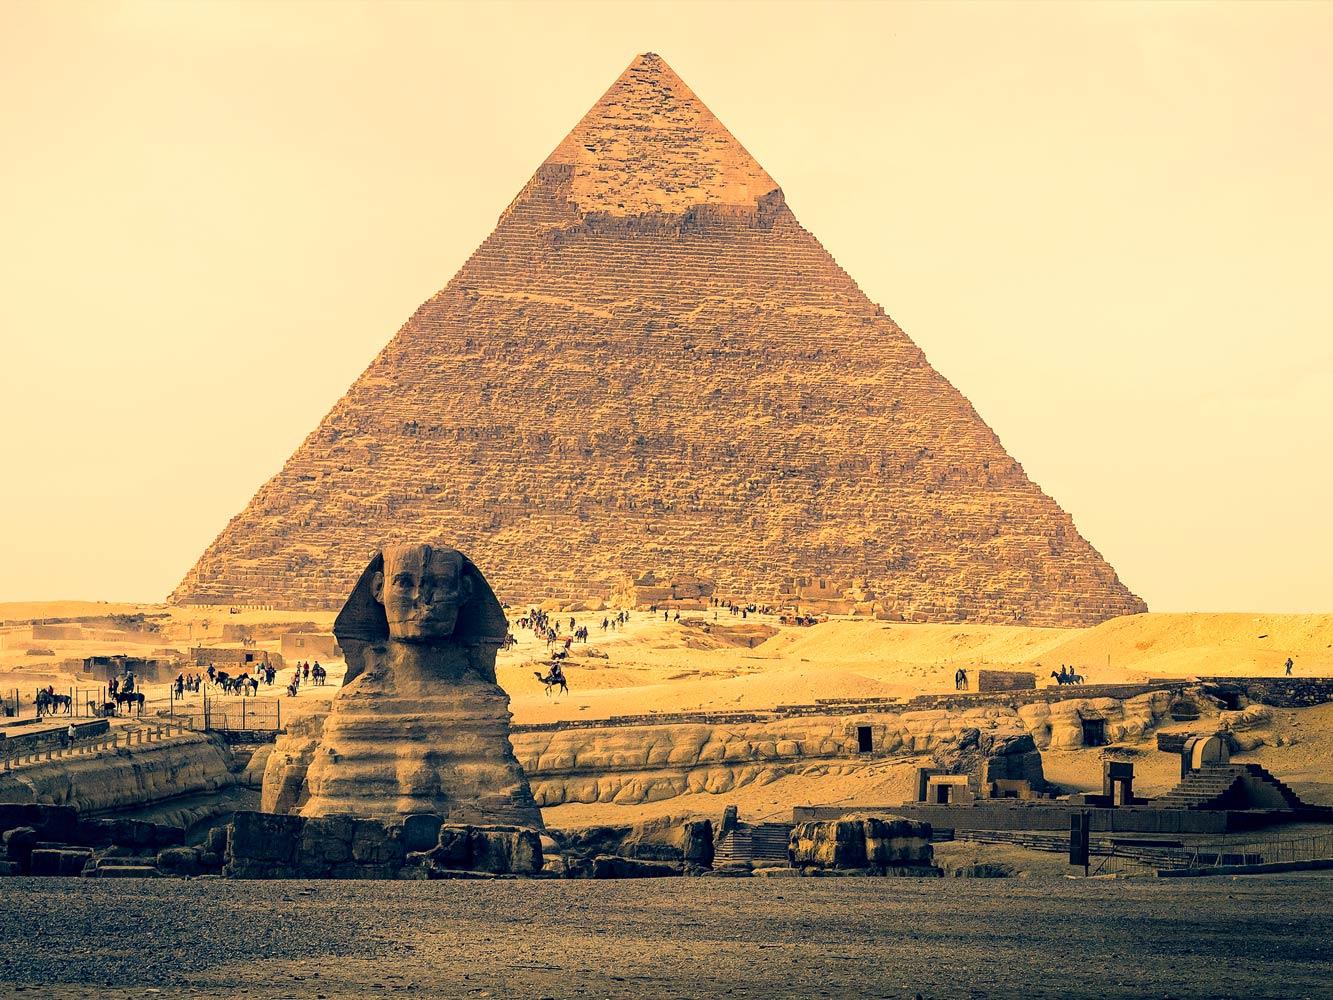 Qual era o objetivo em construir obeliscos?